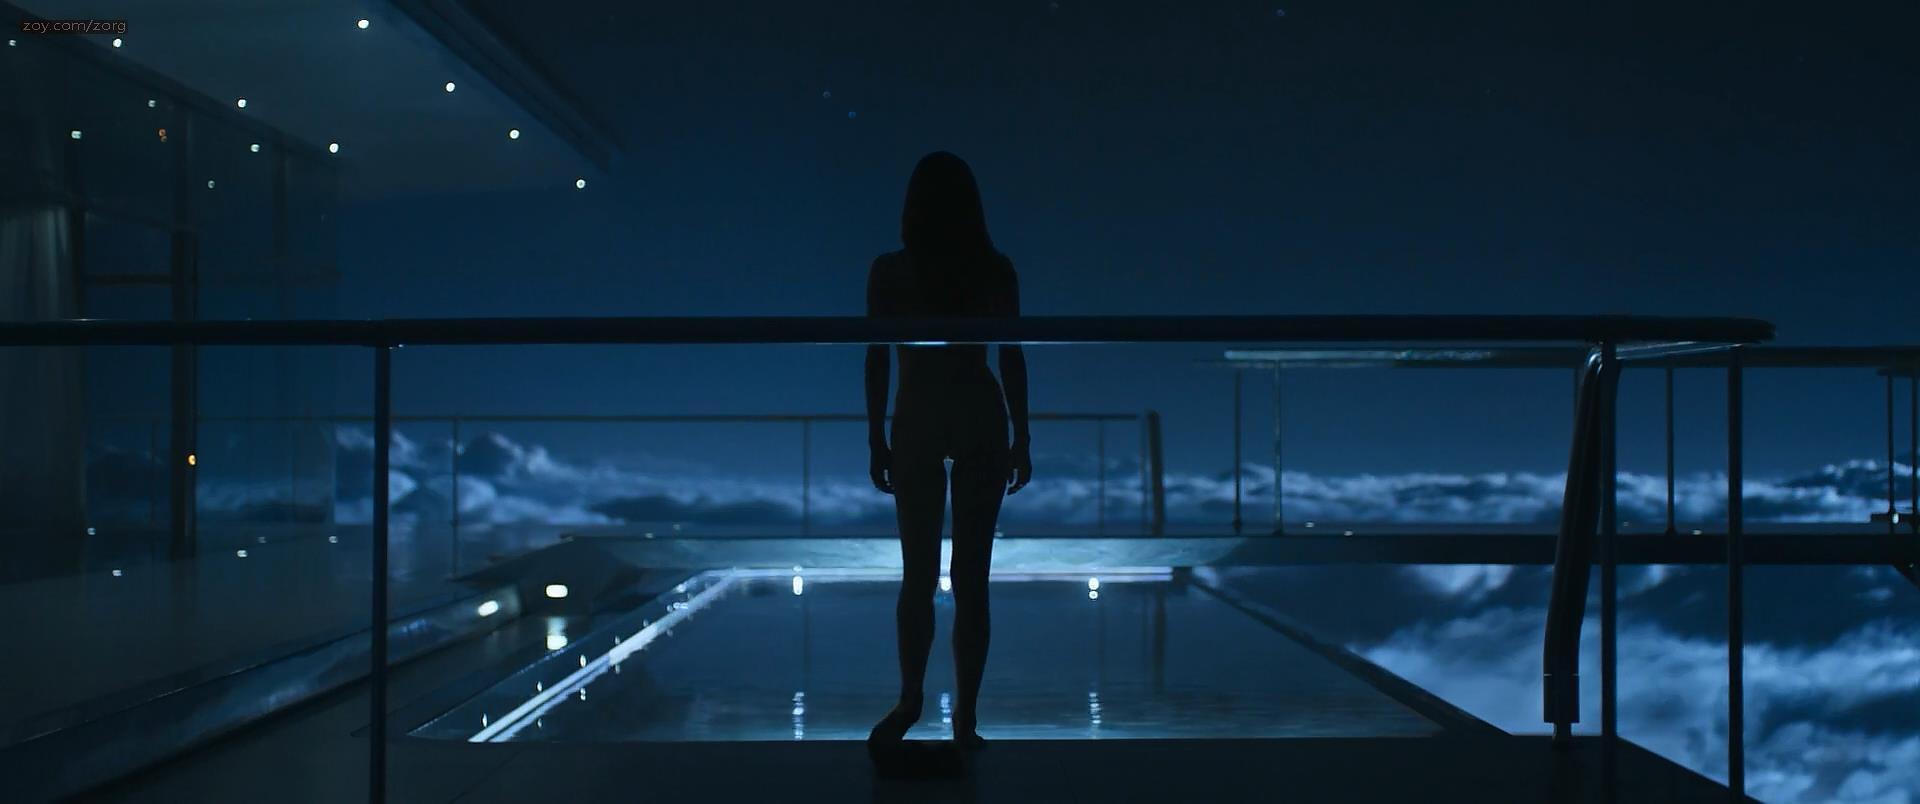 0025163920870_2_Andrea-Riseborough-nude-skinny-dipping-Oblivion-2013-hd1080p-4.jpg